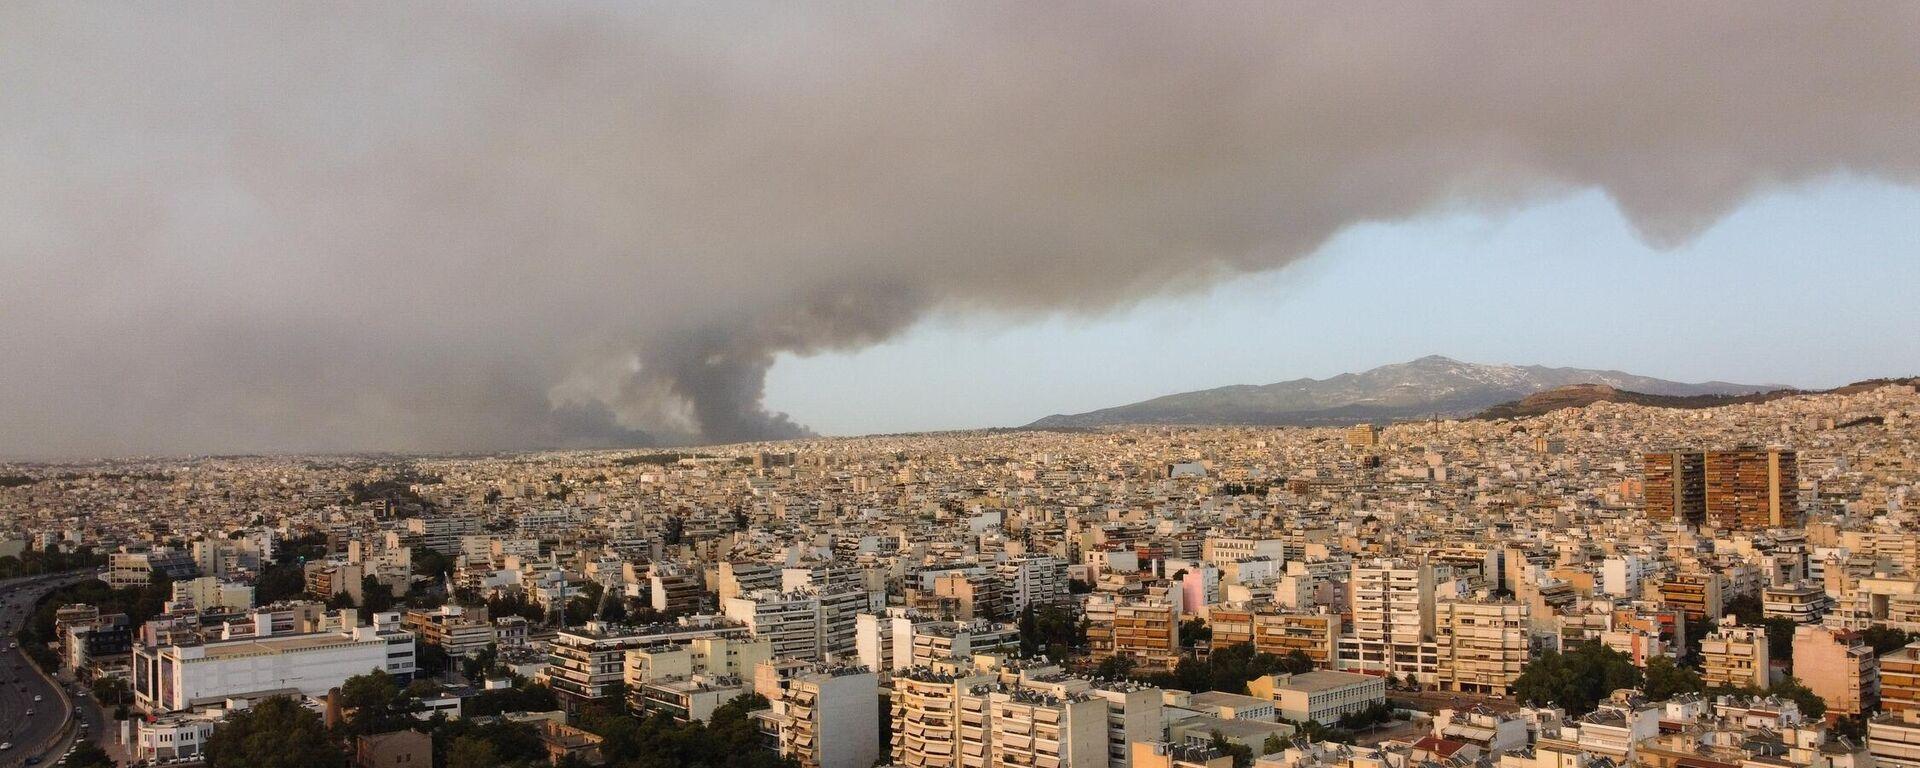 Καπνοί από την πυρκαγιά στην Βαρυμπόμπη - Sputnik Ελλάδα, 1920, 06.08.2021